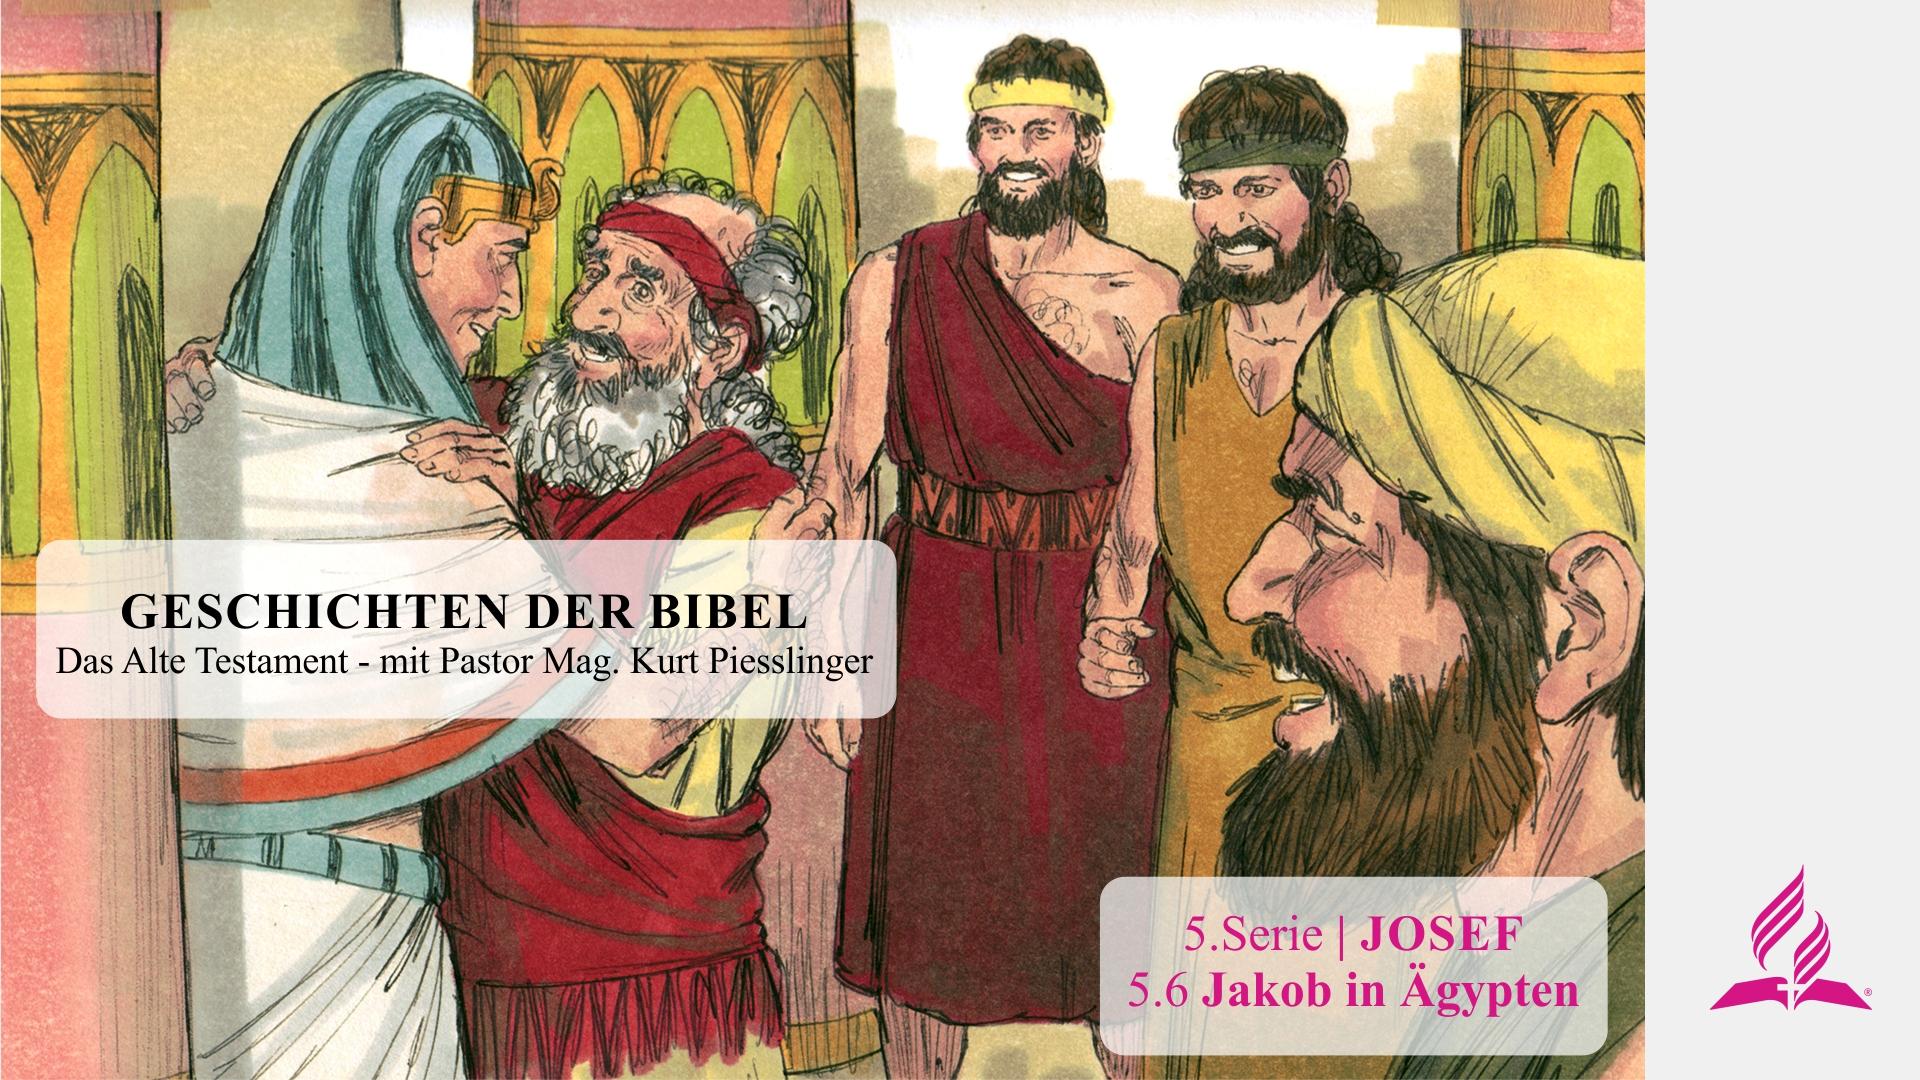 GESCHICHTEN DER BIBEL: 5.6 Jakob in Ägypten – 5.JOSEF | Pastor Mag. Kurt Piesslinger